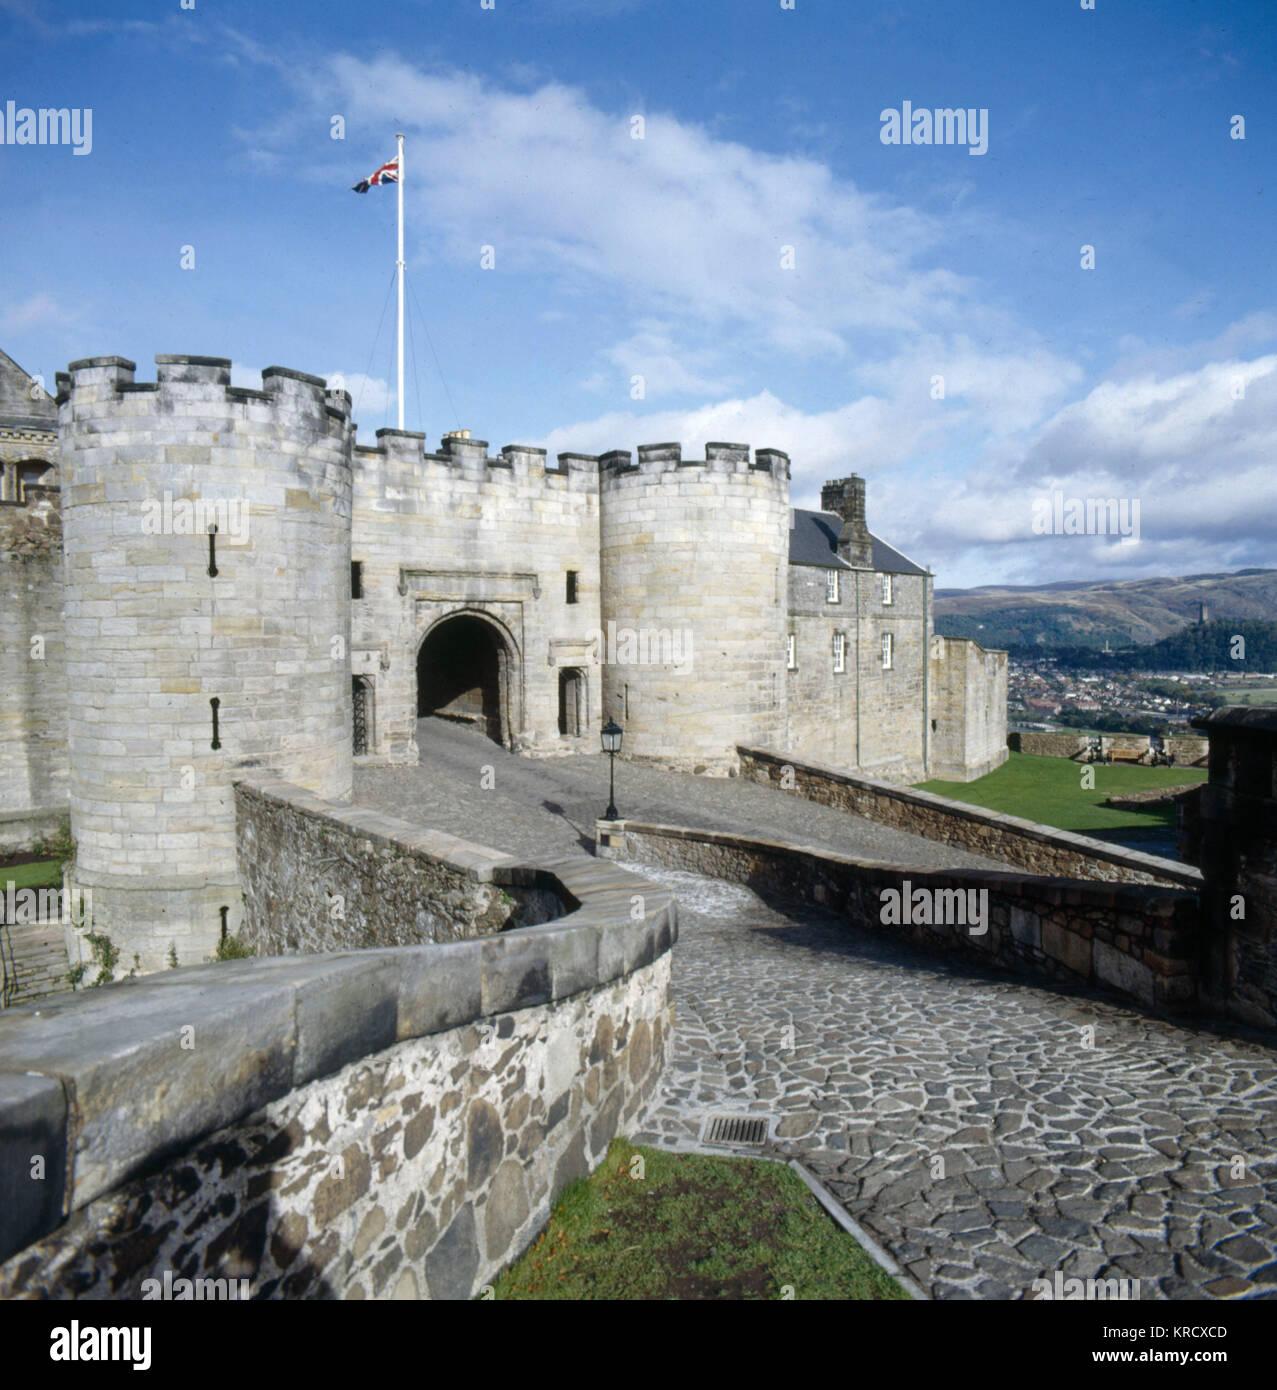 Das Torhaus, Stirling Castle. Die Schotten wieder Besitz von den Englischen folgenden Wallace Sieg von Stirling Stockbild